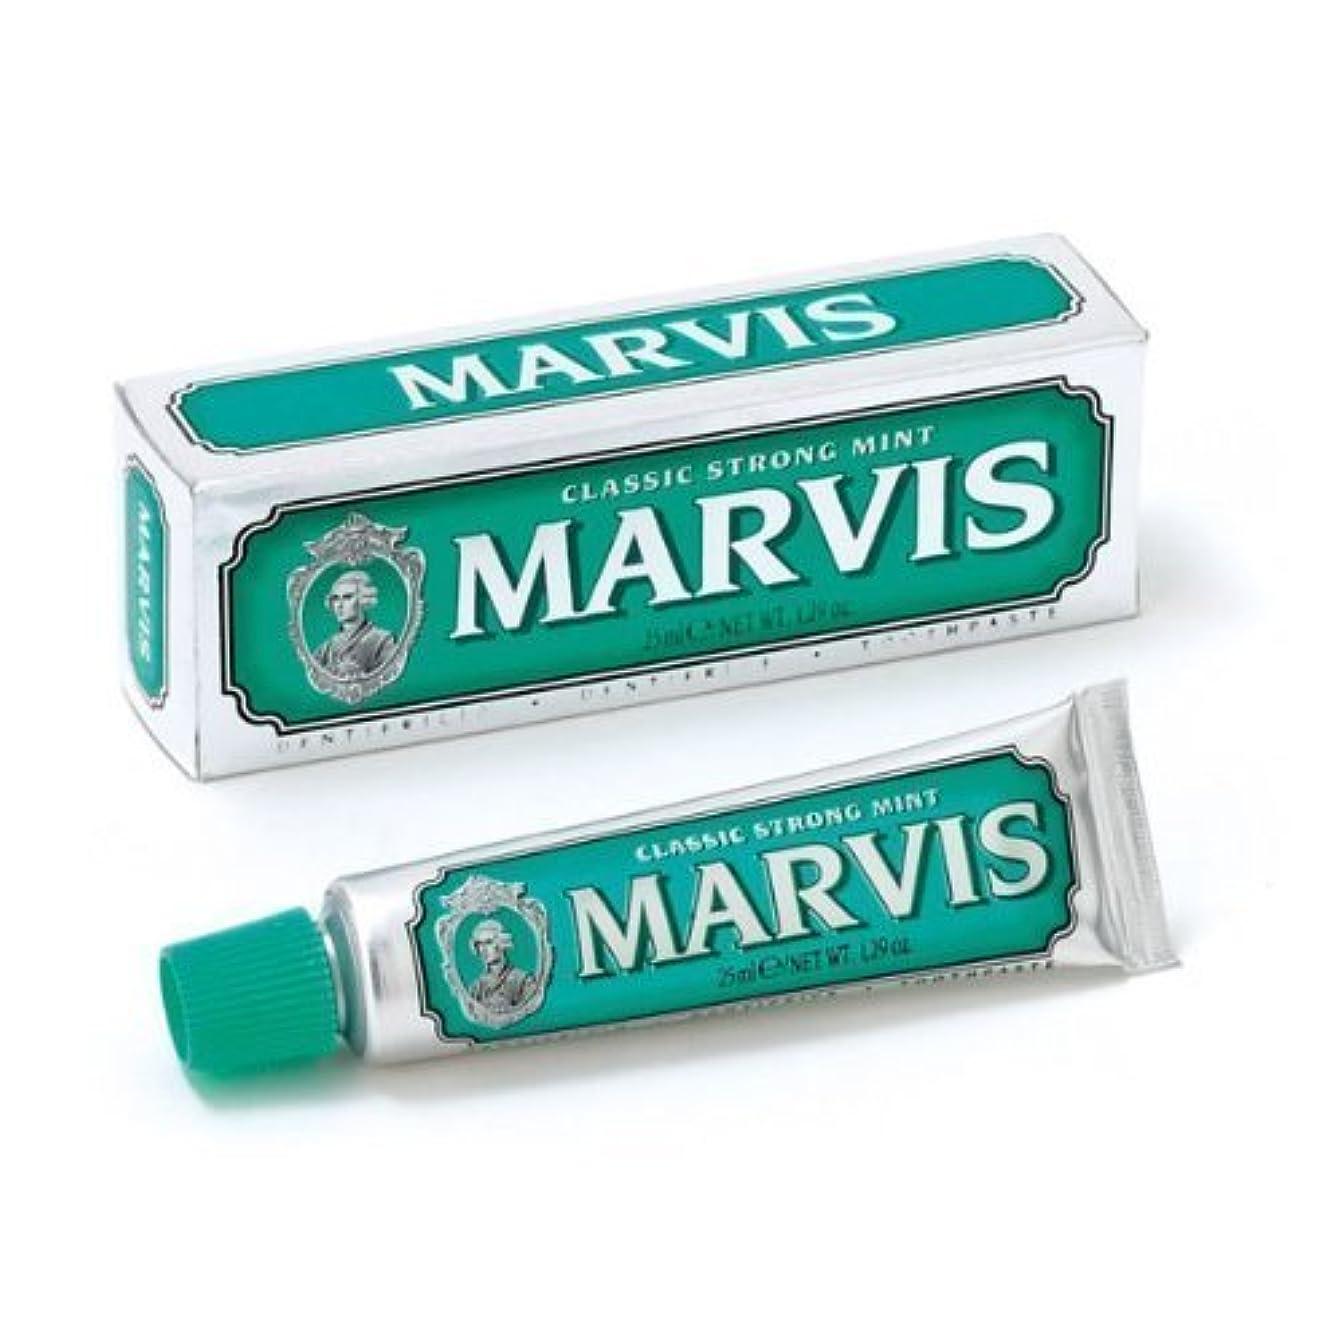 モジュールゲージ究極のMarvis Toothpaste - Classic Strong Mint 25ml Travel Size - 4 PACK by Marvis [並行輸入品]